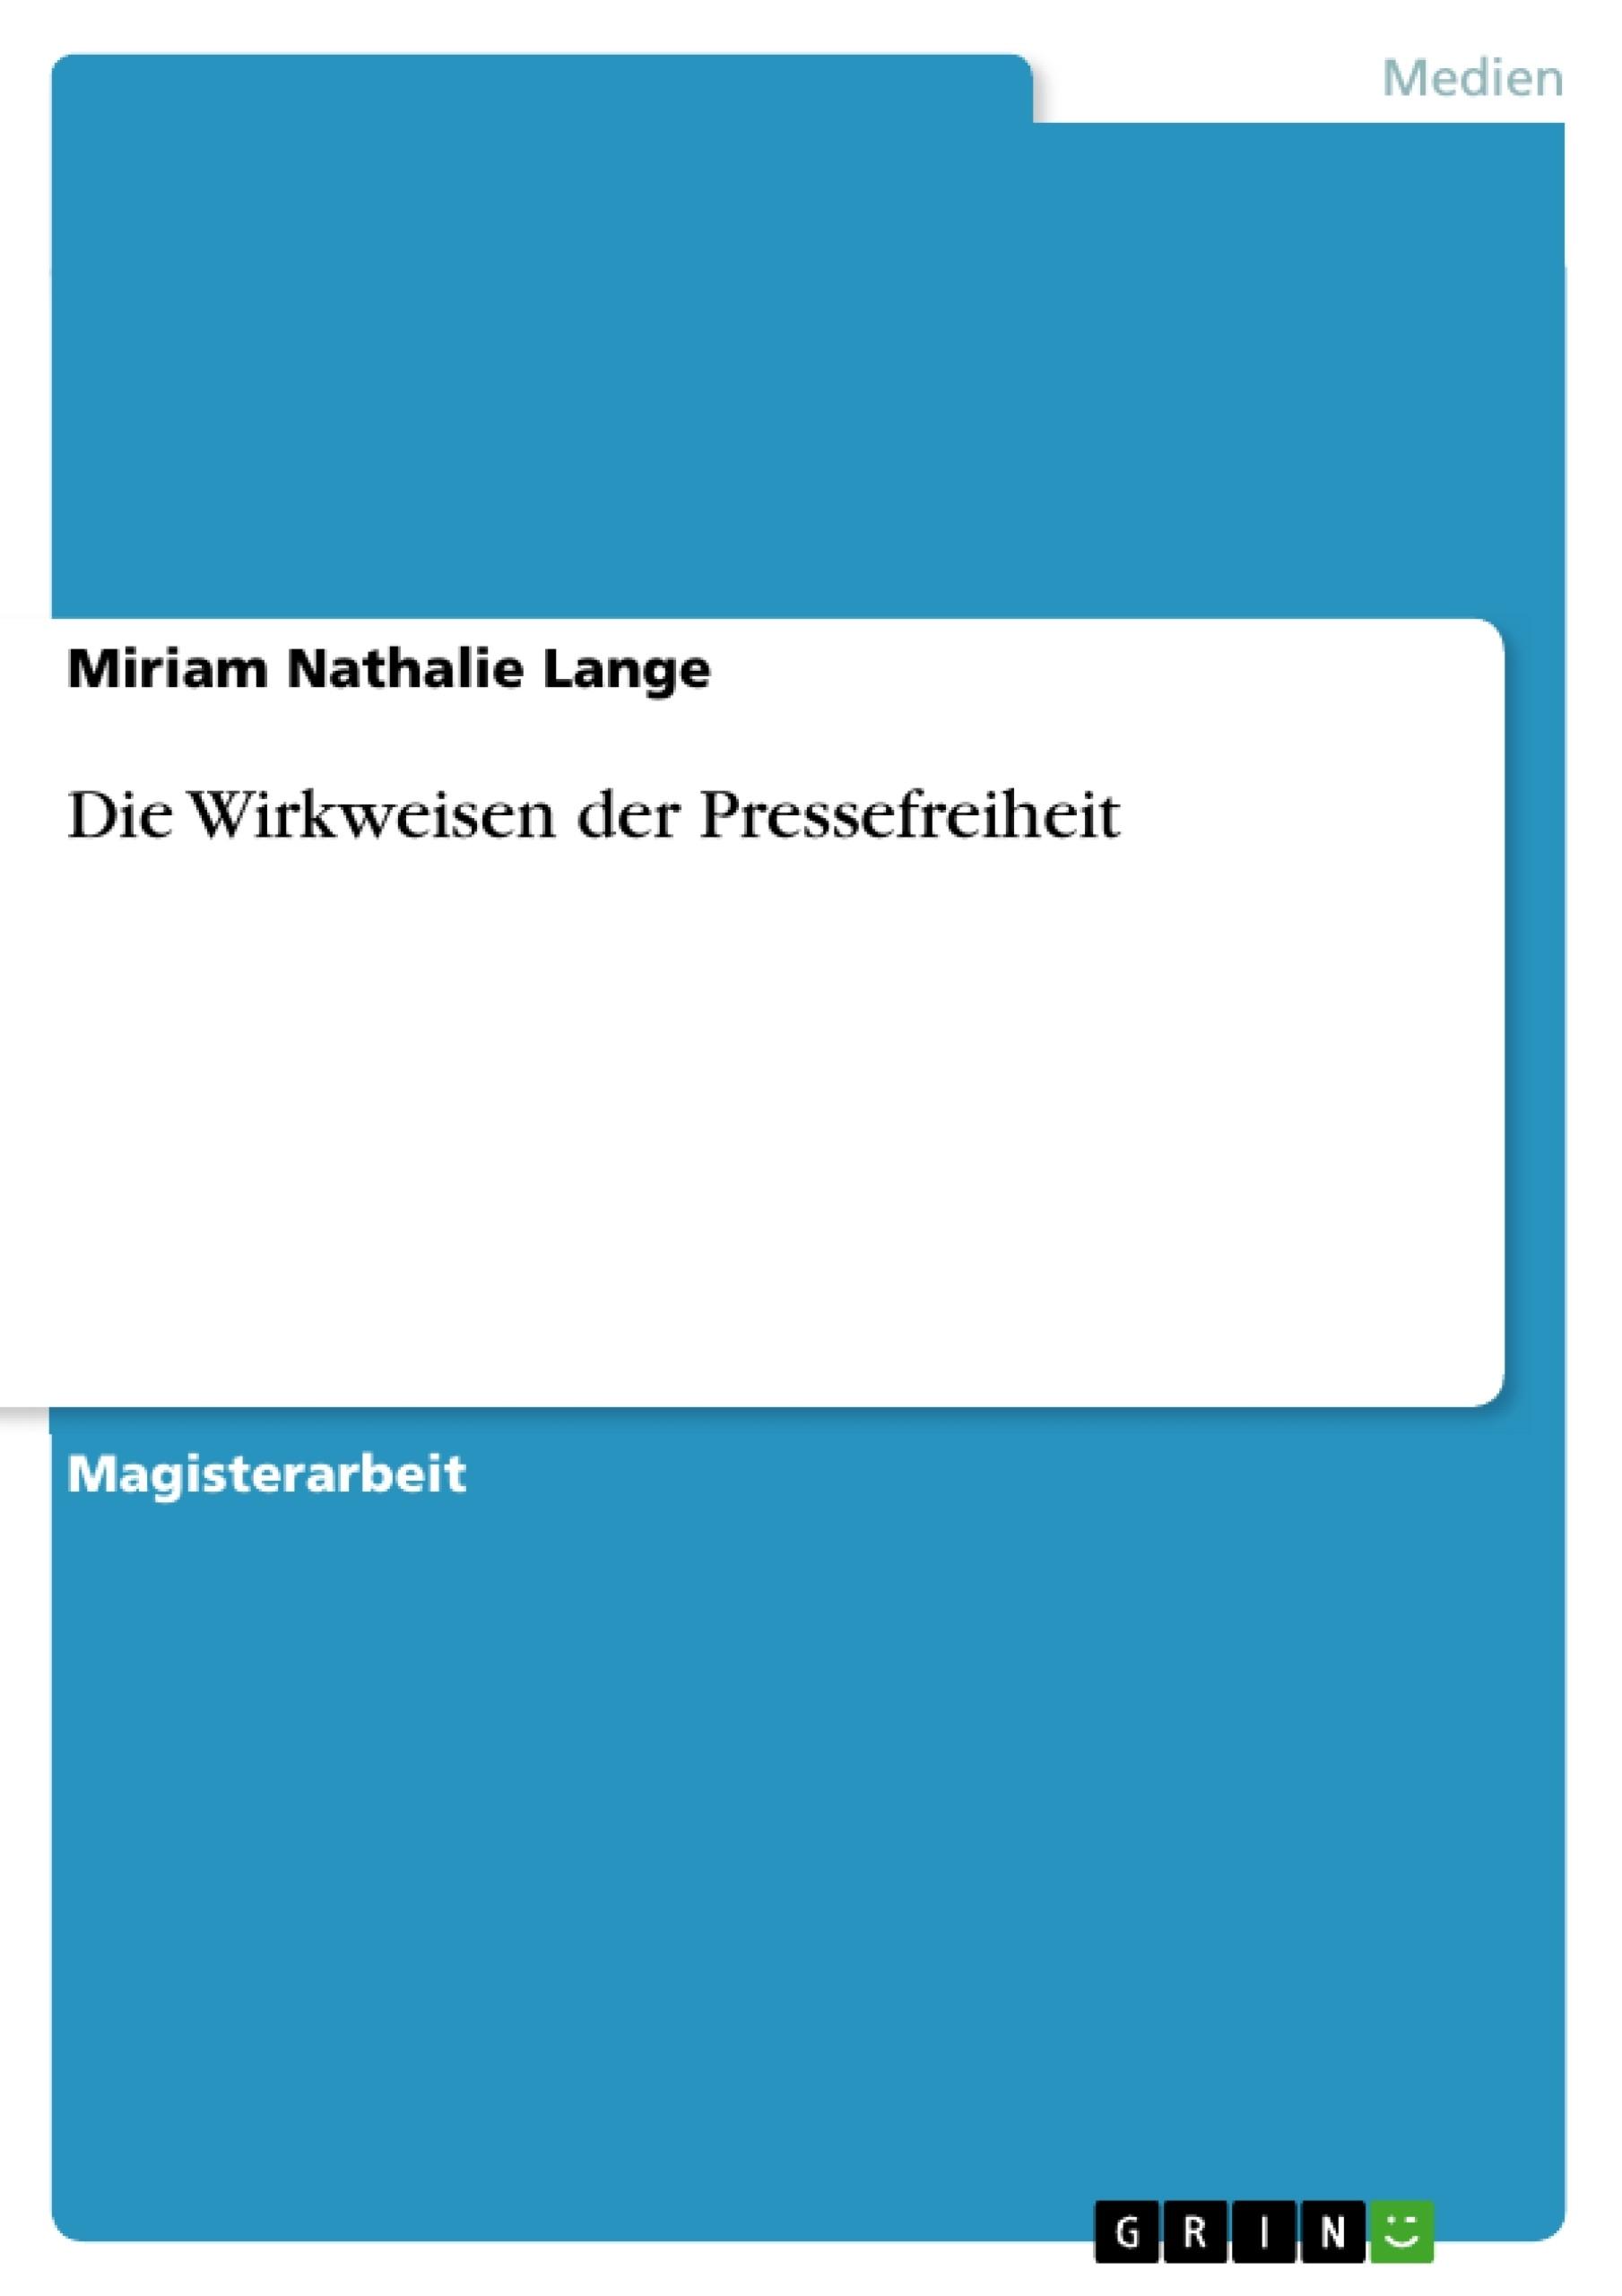 Titel: Die Wirkweisen der Pressefreiheit